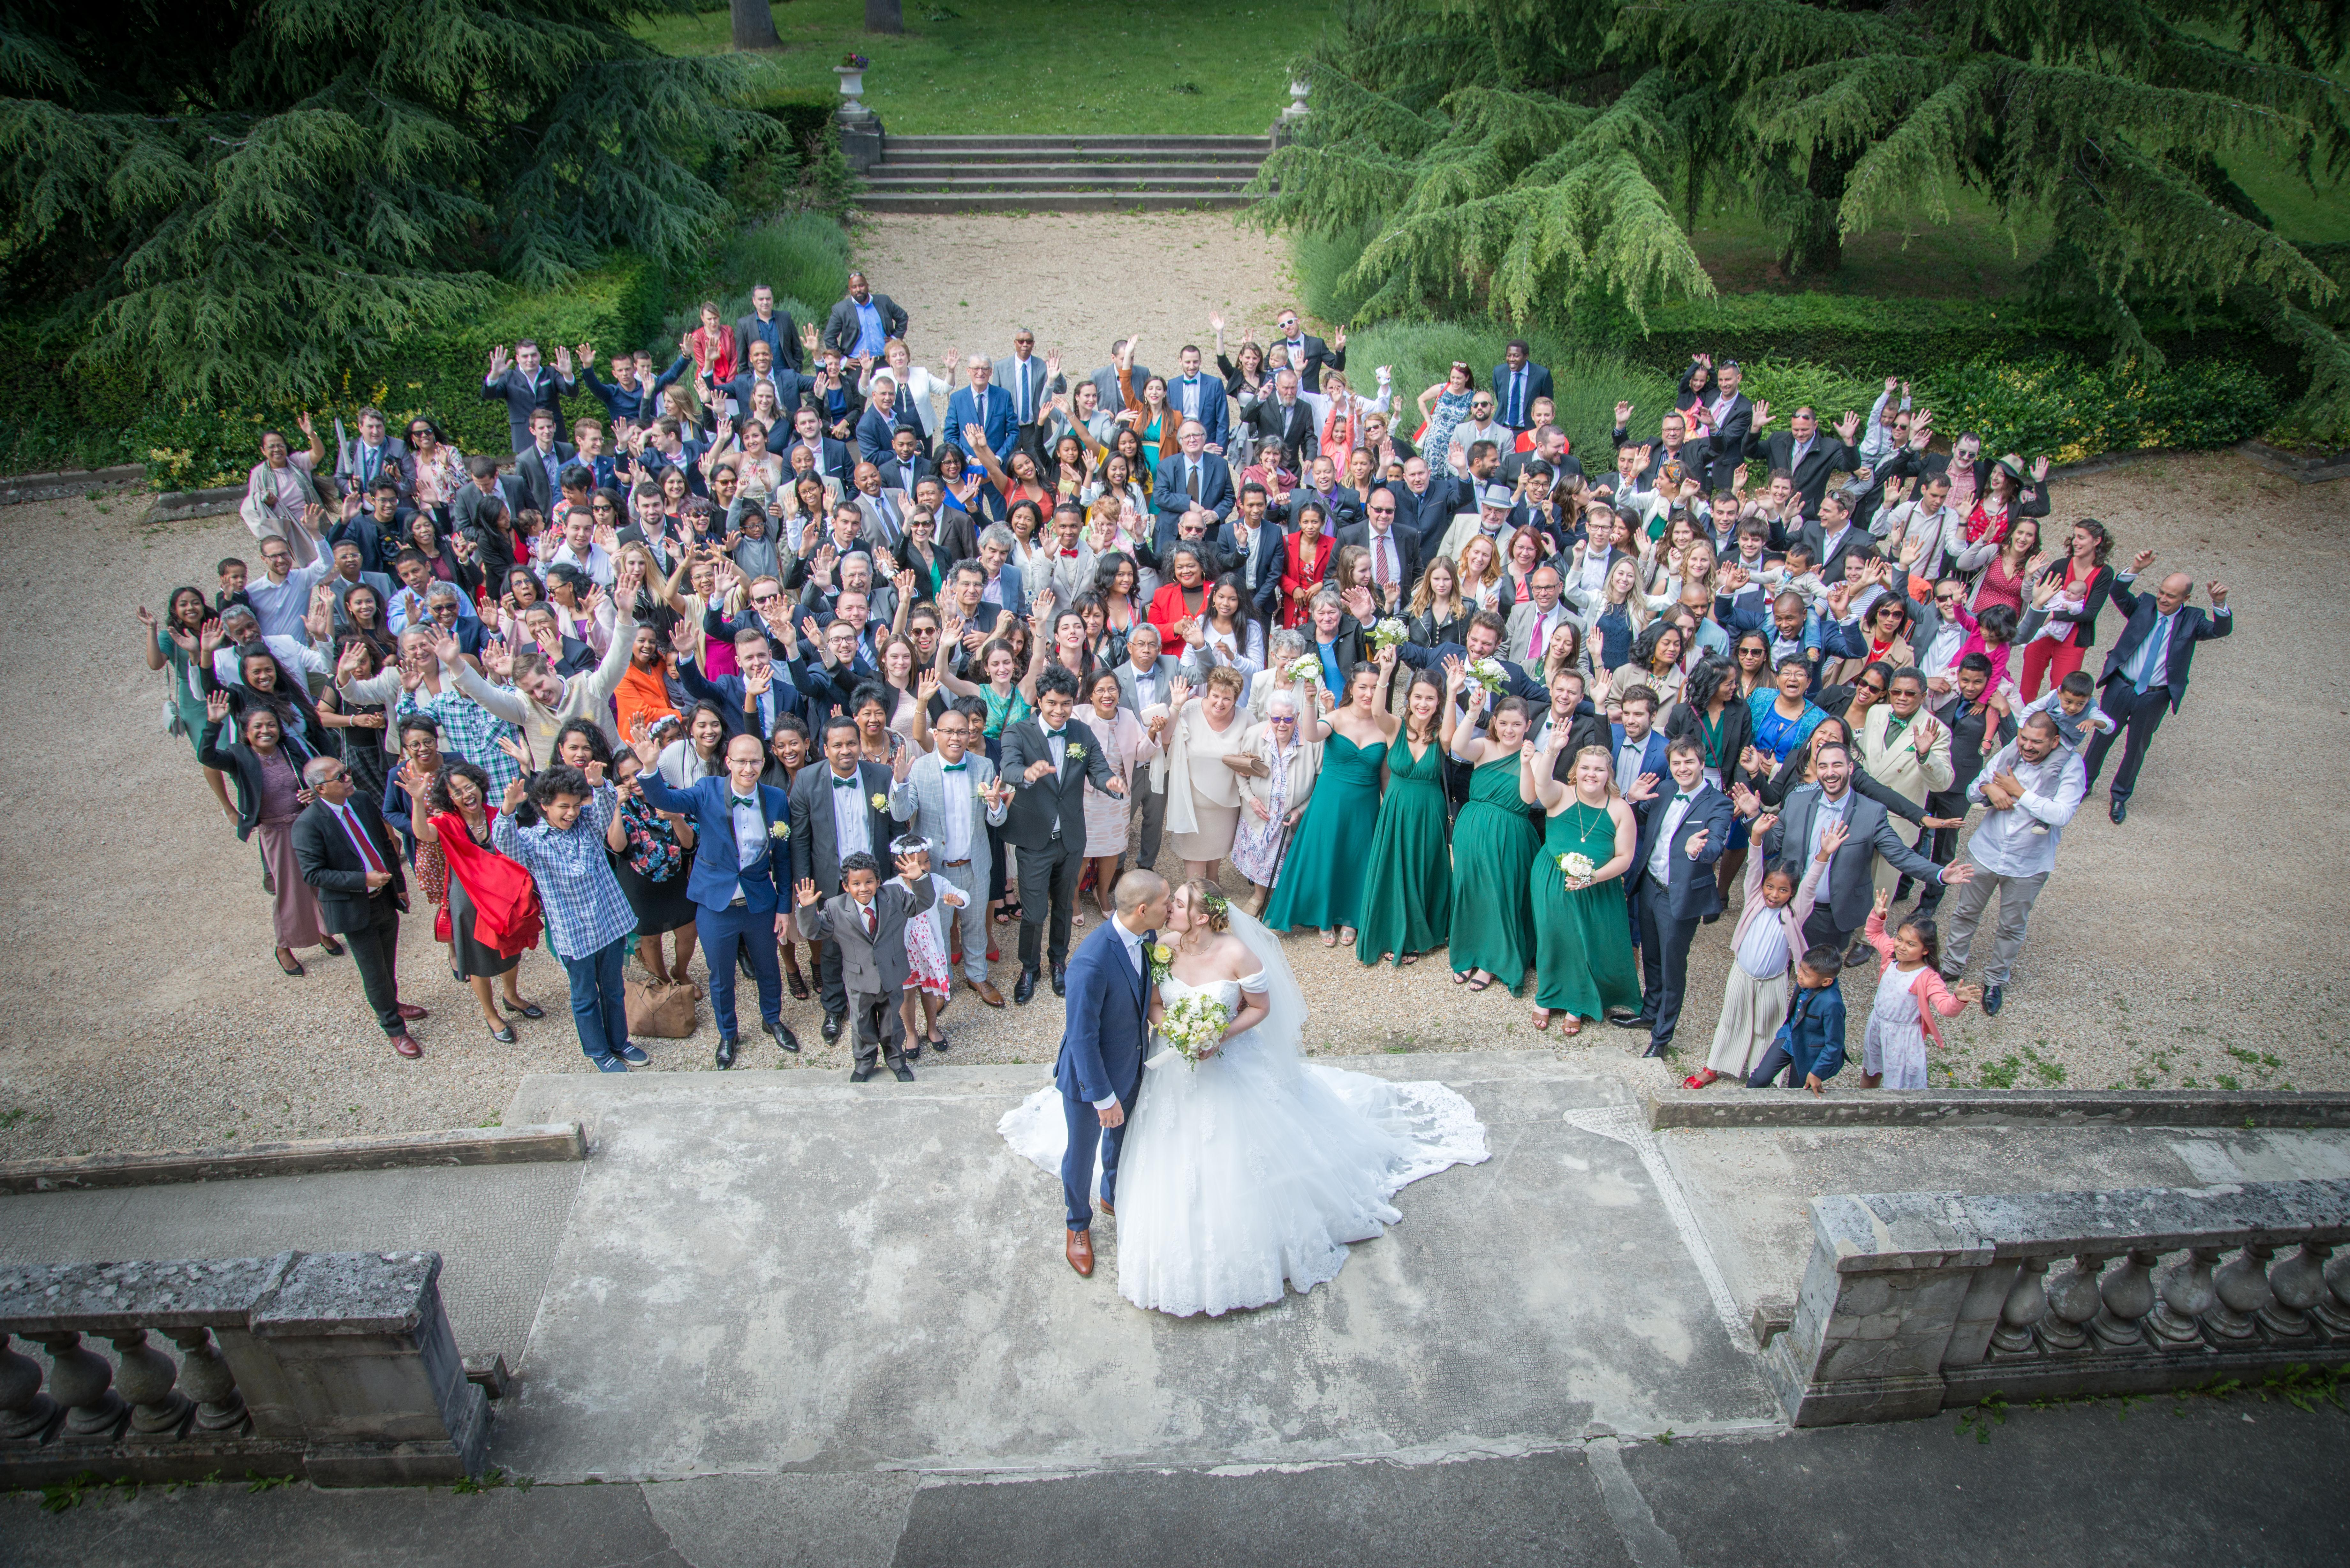 Pour les Photos de groupe de votre Mariage : optez pour le drone